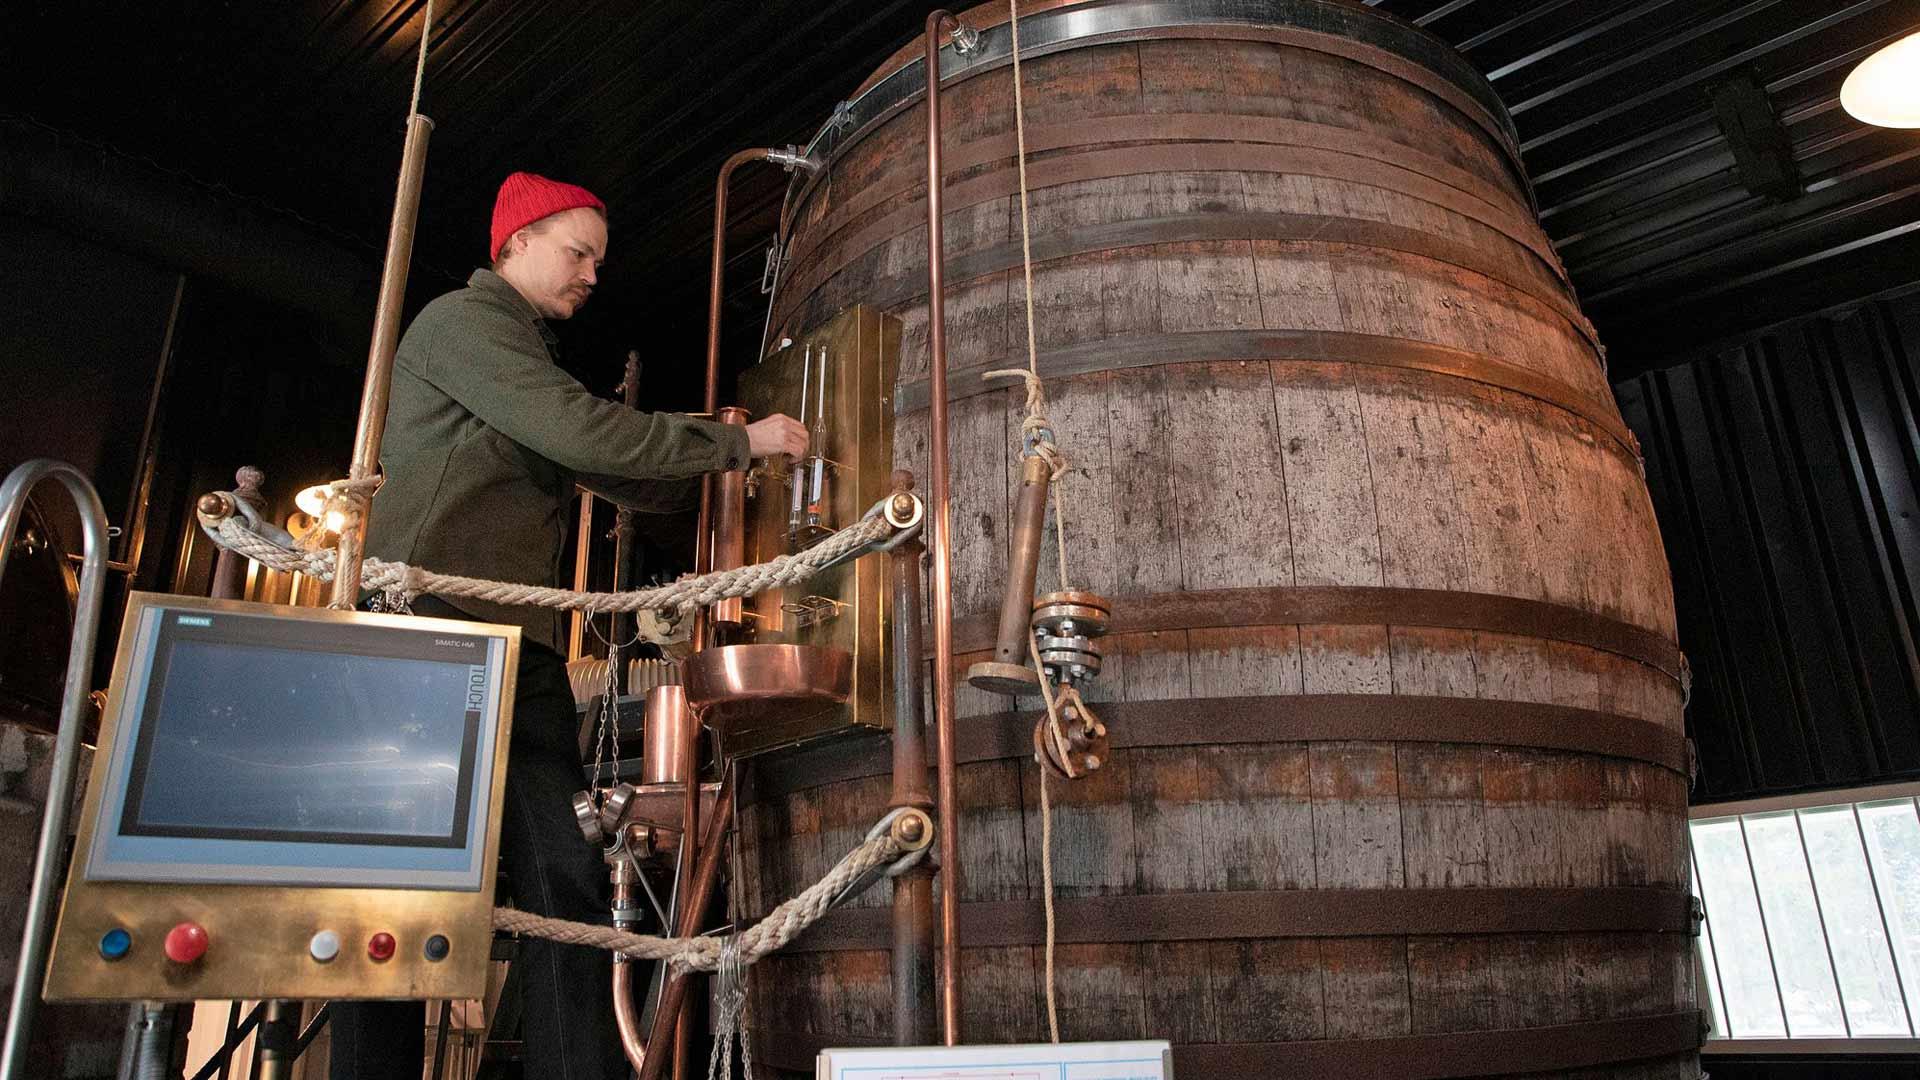 Kaukosen mielestä vaalea lager on yksi vaikeimmin valmistettavista oluttyyleistä.